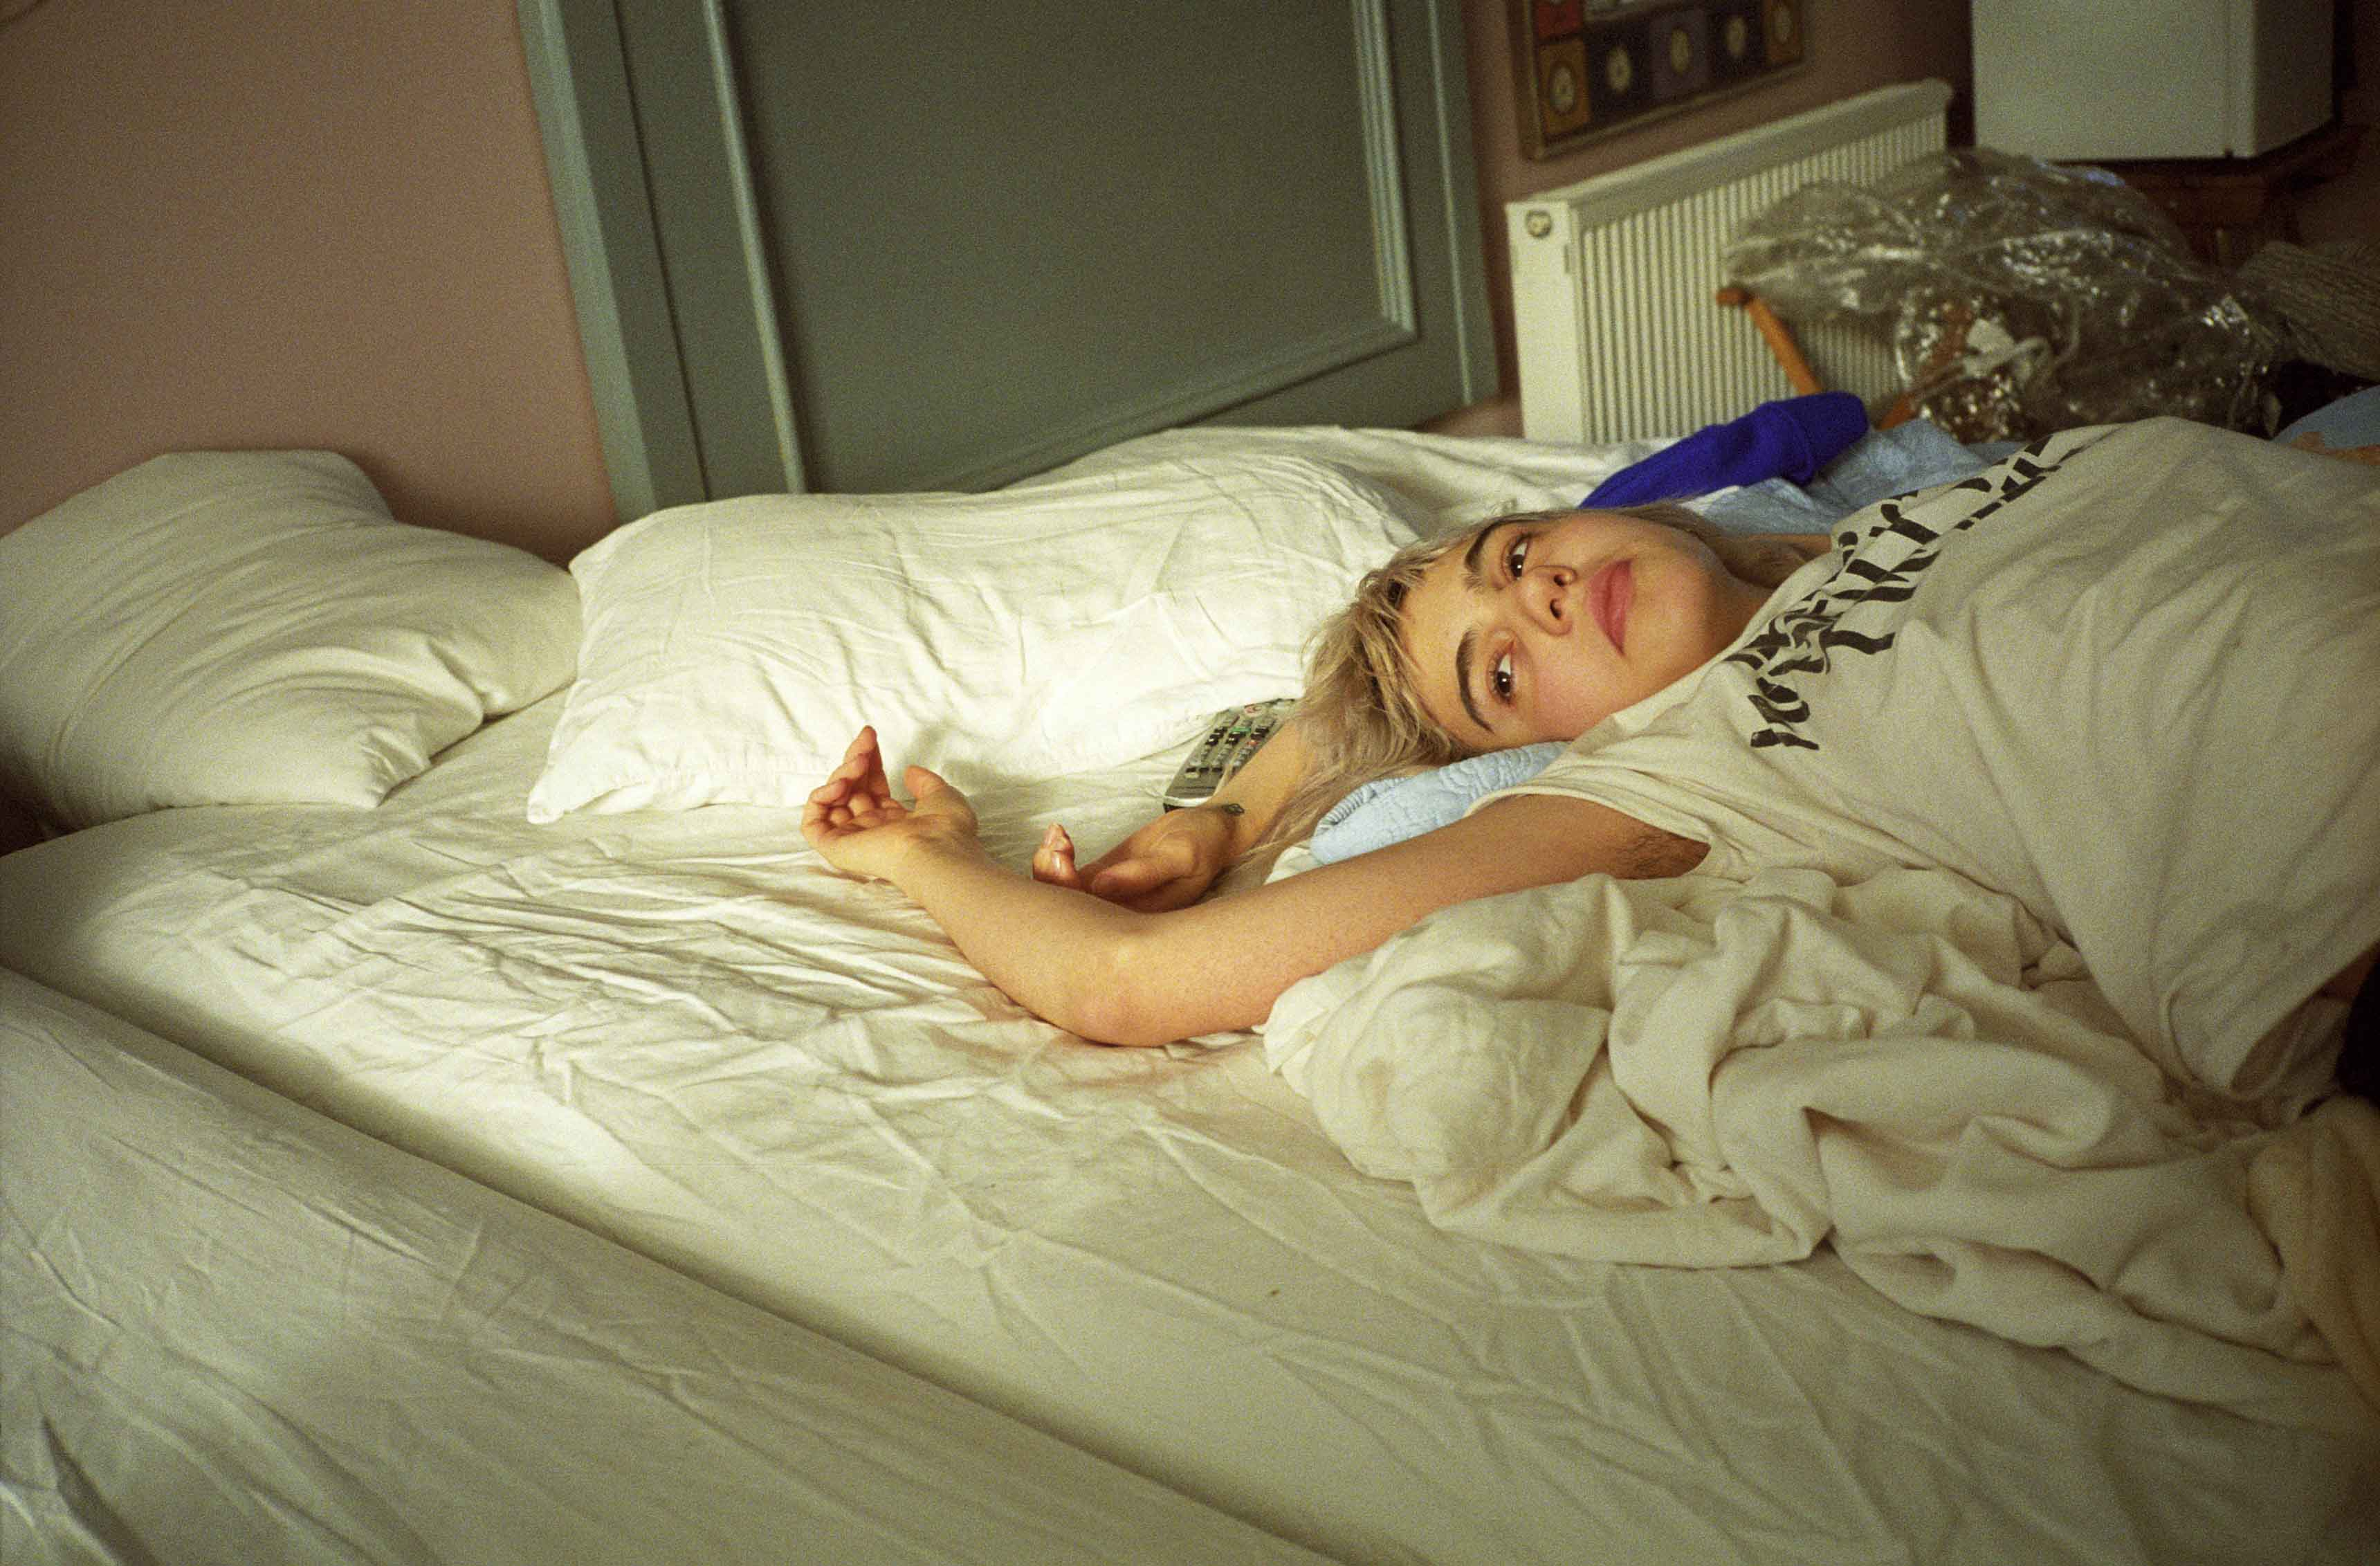 Julia Hotel Bed, 2017 Courtesy galerie du jour agnès b. © Chad Moore 2017